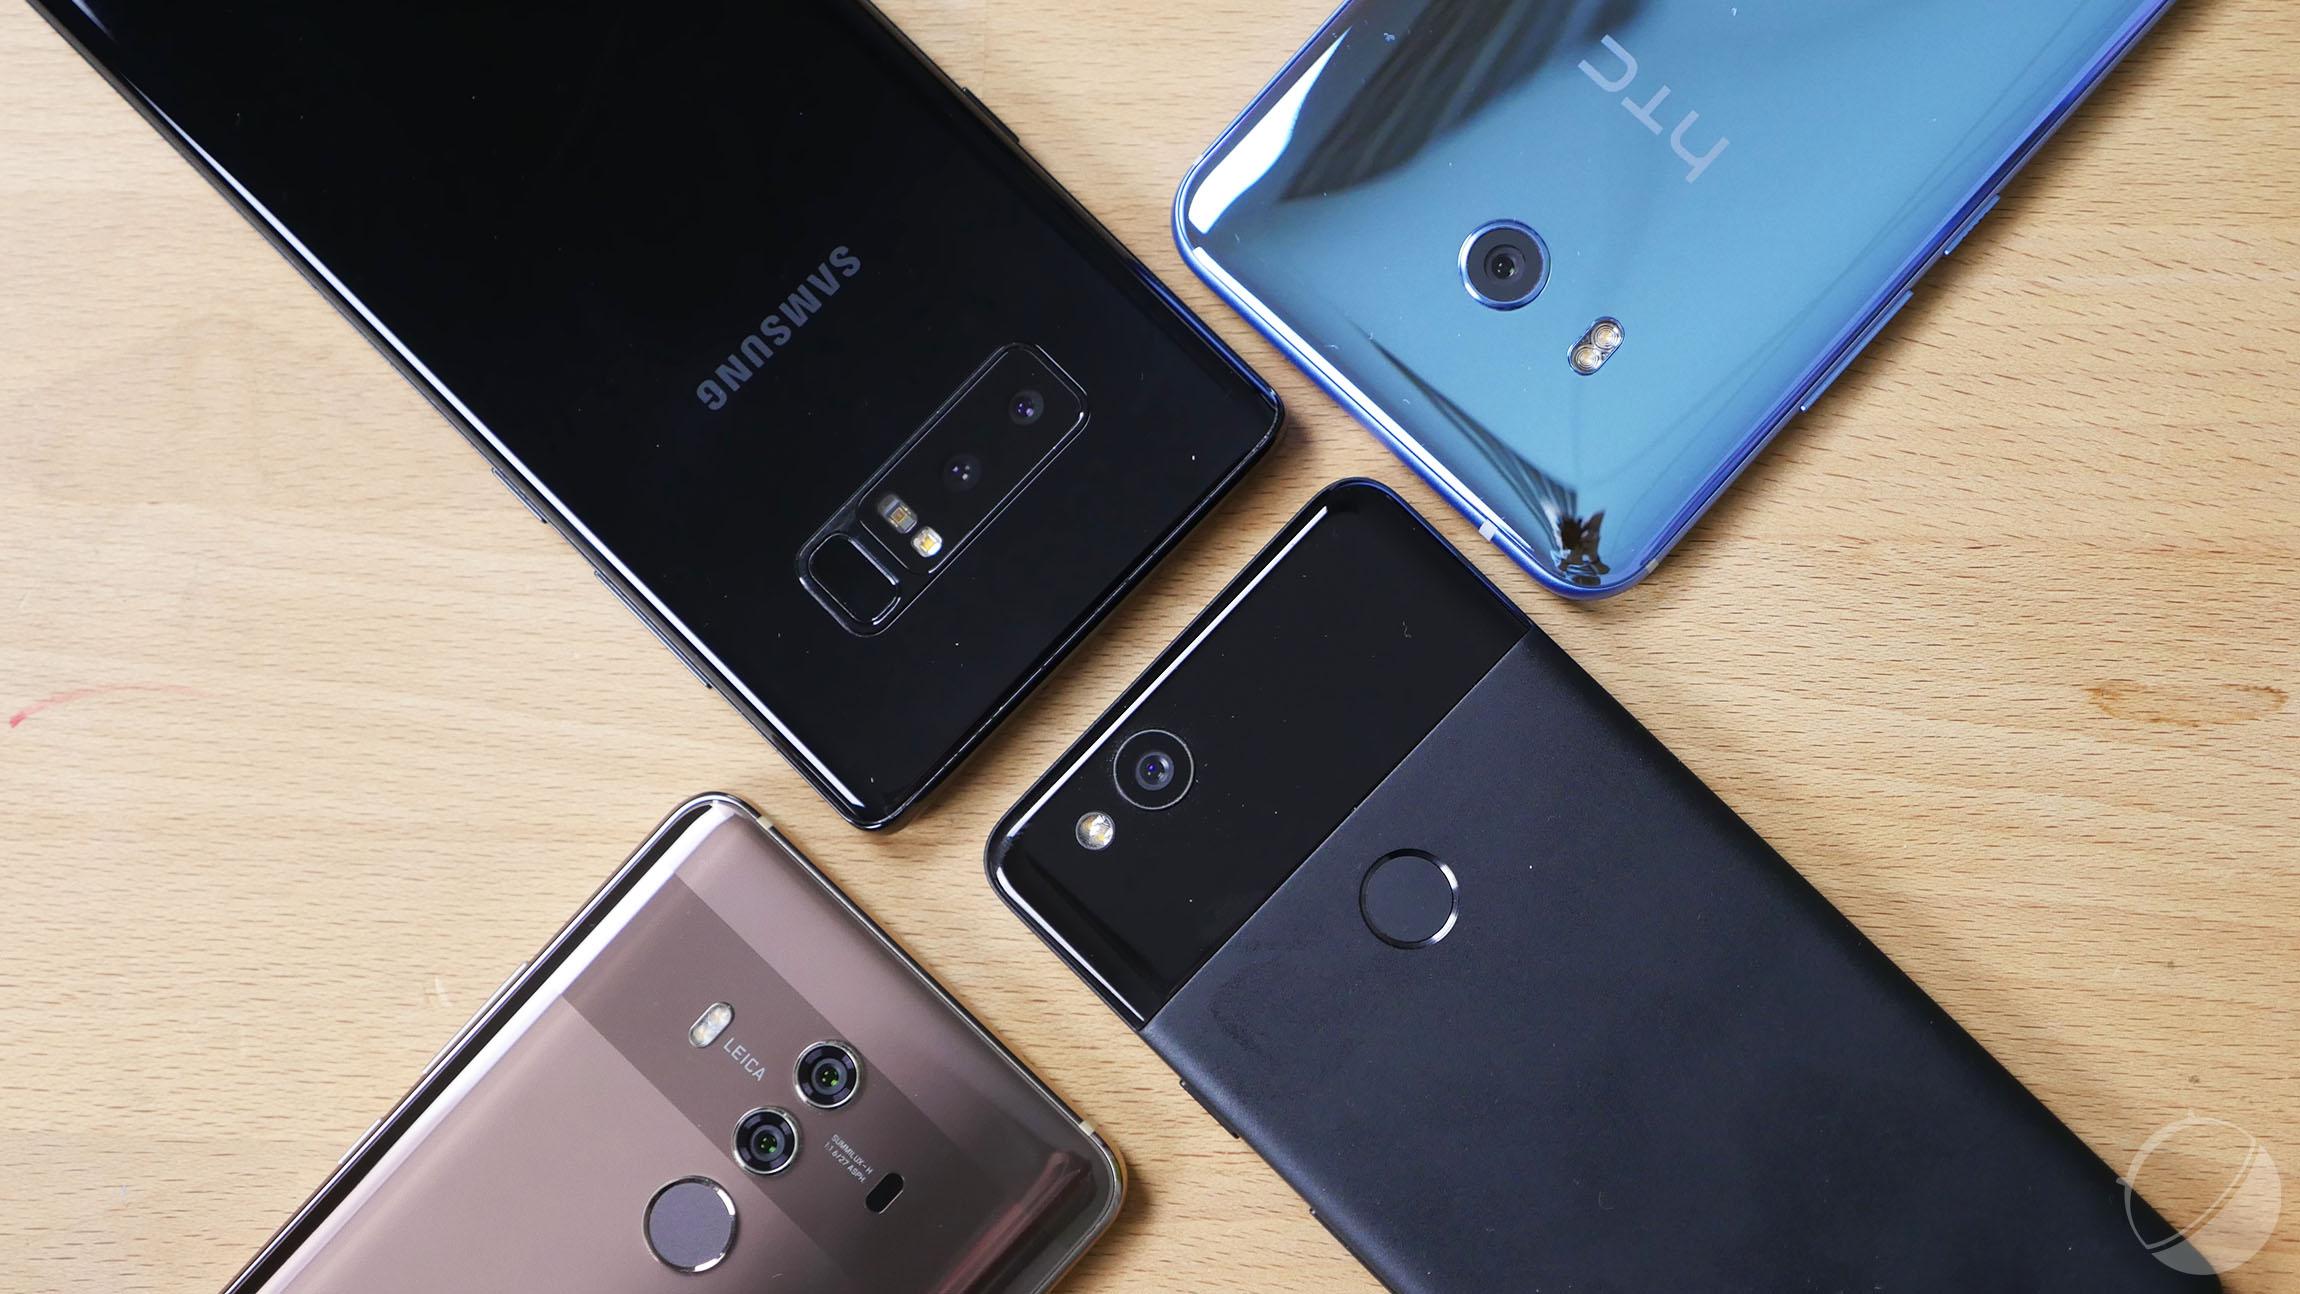 quels sont les meilleurs smartphones pour prendre des photos en 2019 frandroid. Black Bedroom Furniture Sets. Home Design Ideas